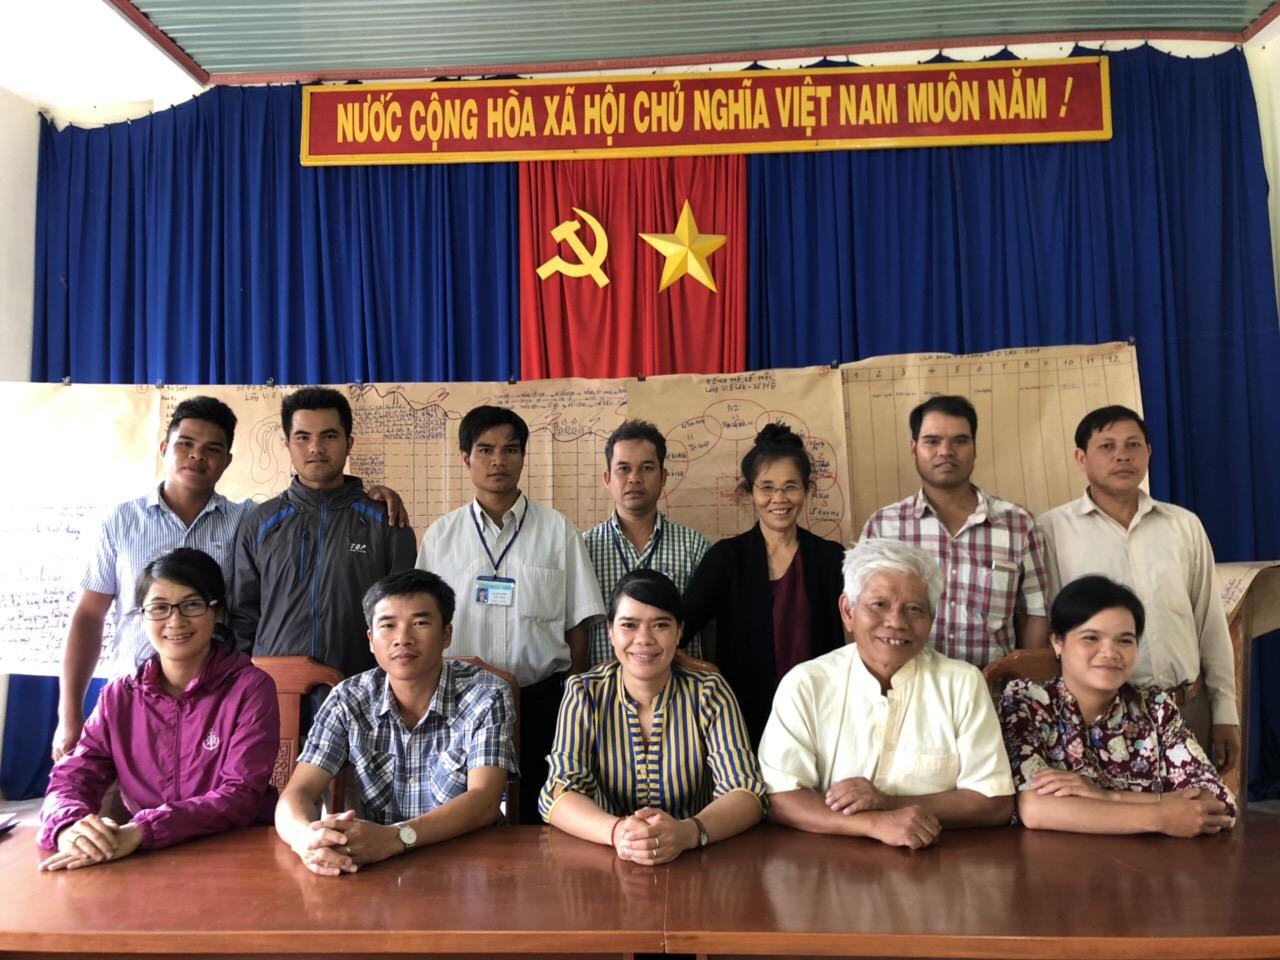 UBND xã Pờ Ê ủng hộ chương trình hành động năm 2019 của Viện CENDI.